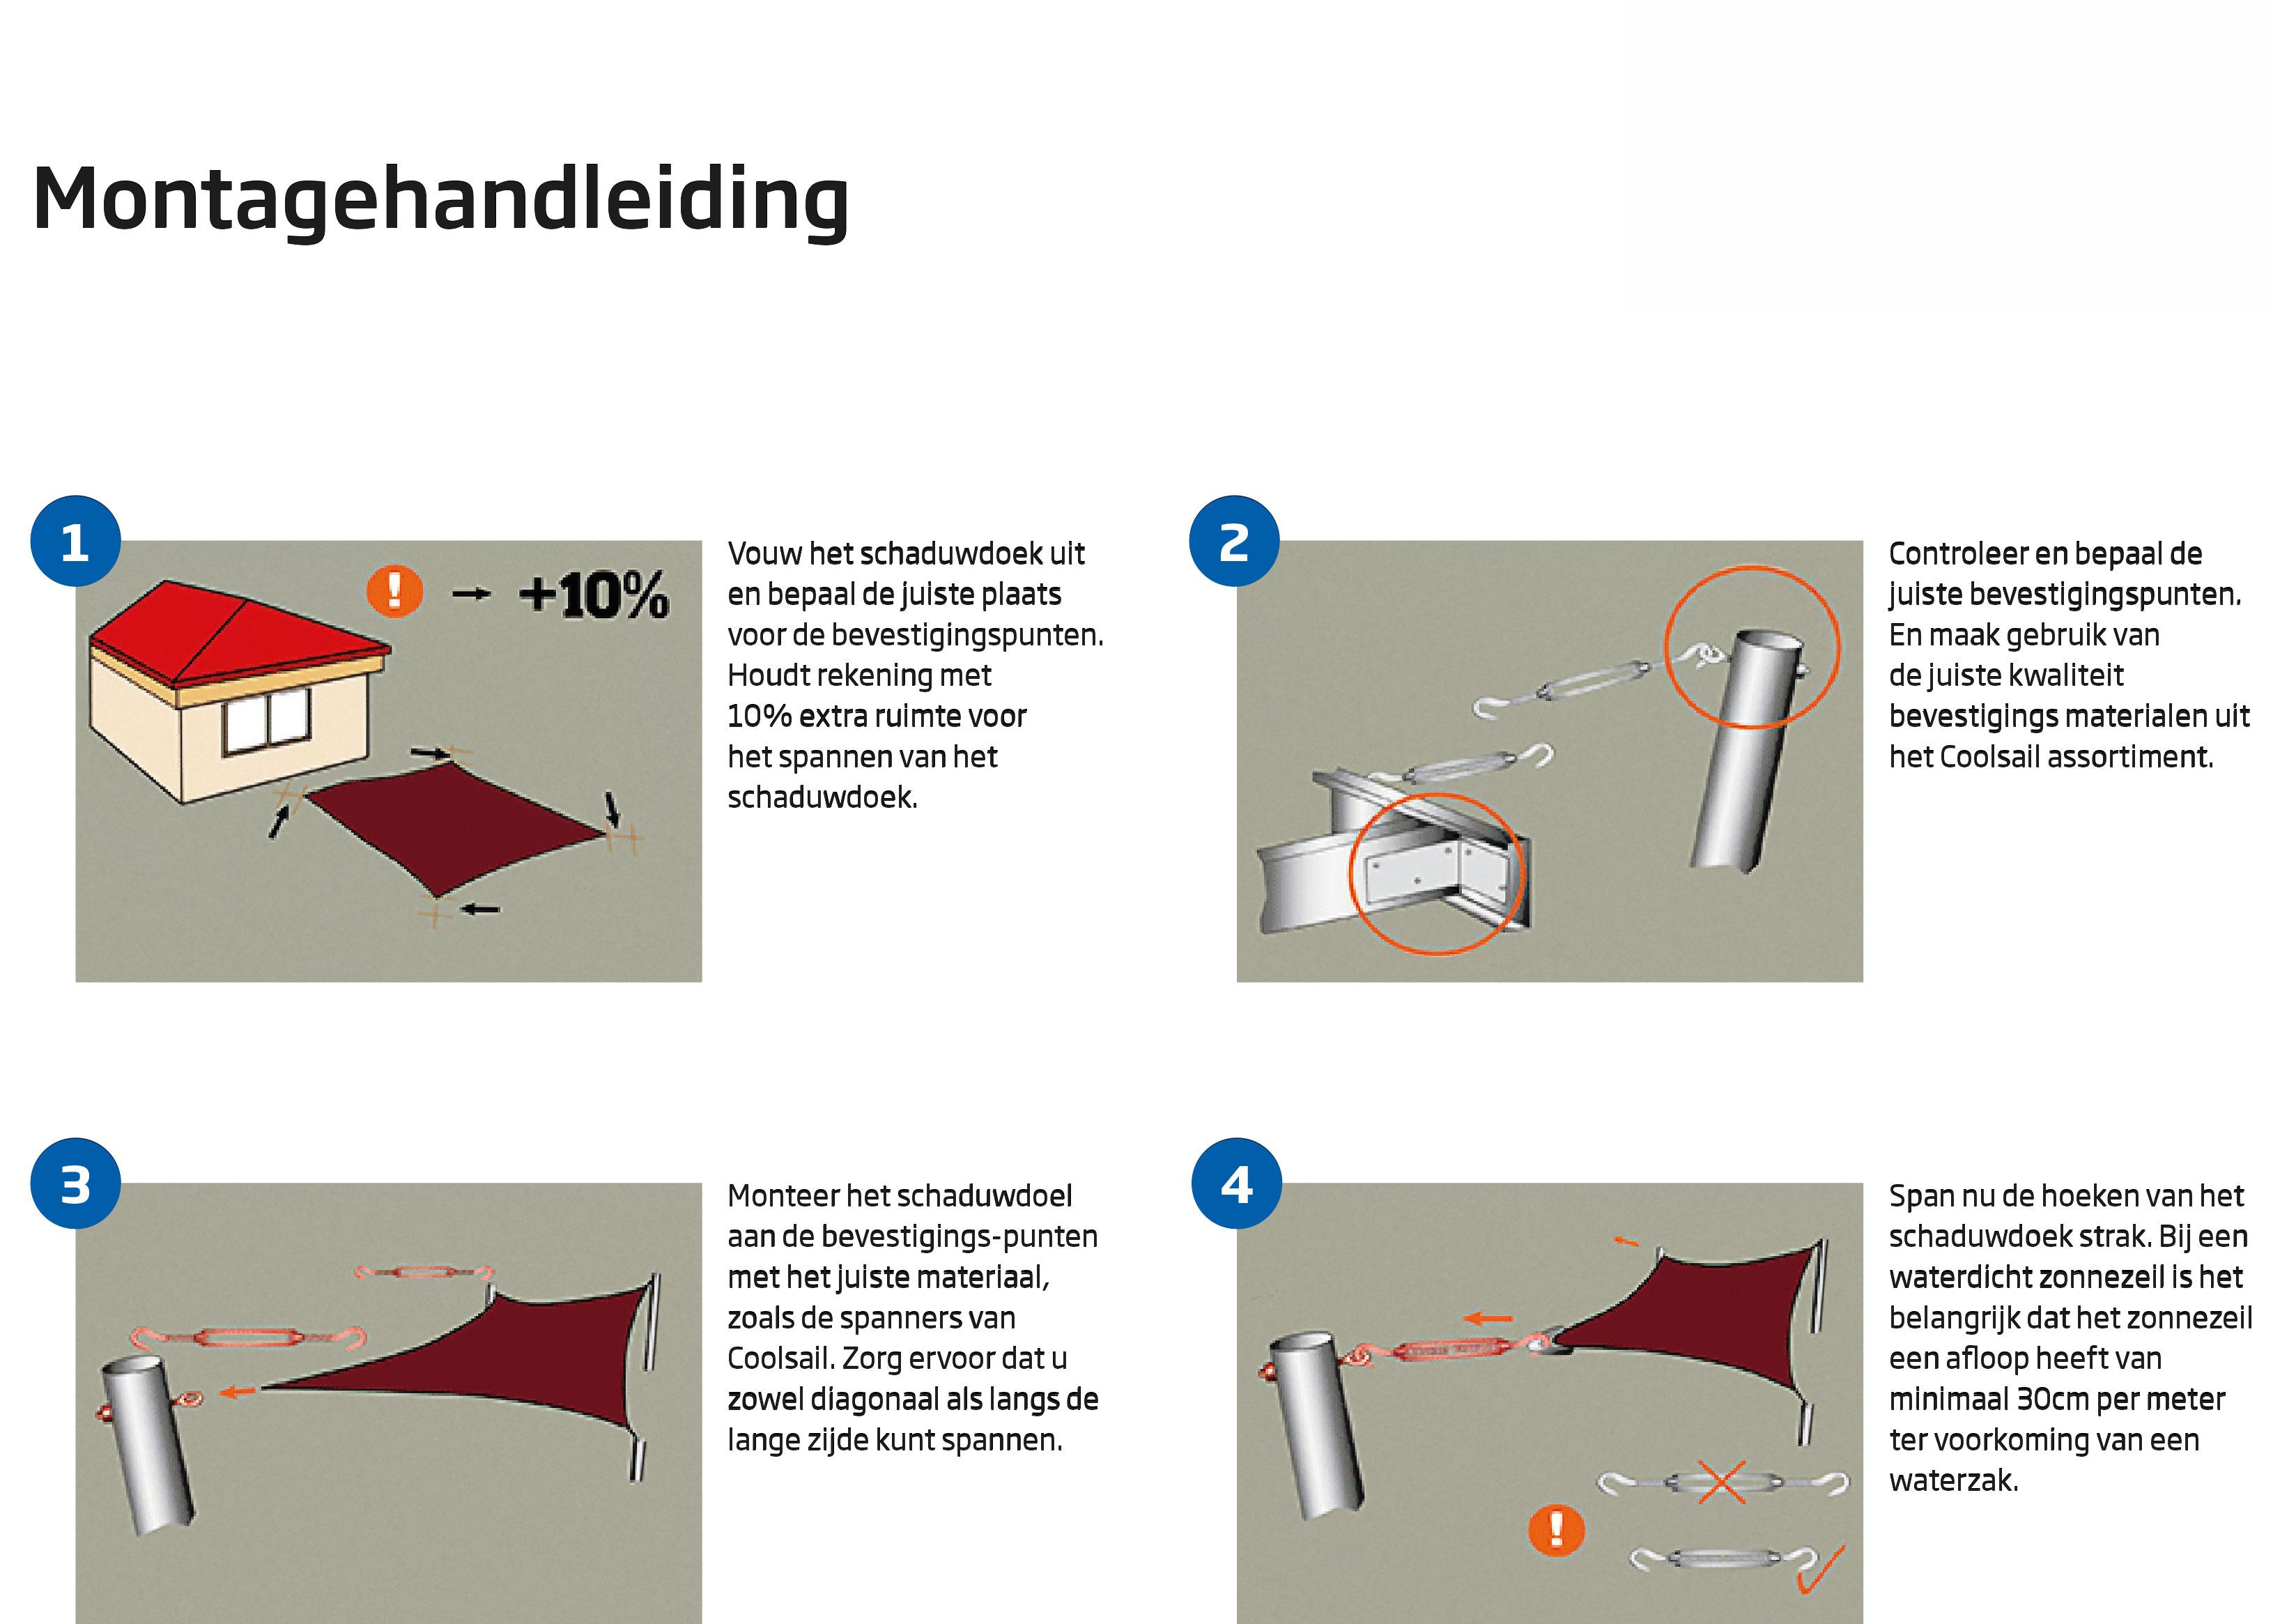 Schaduwdoek montagehandleiding